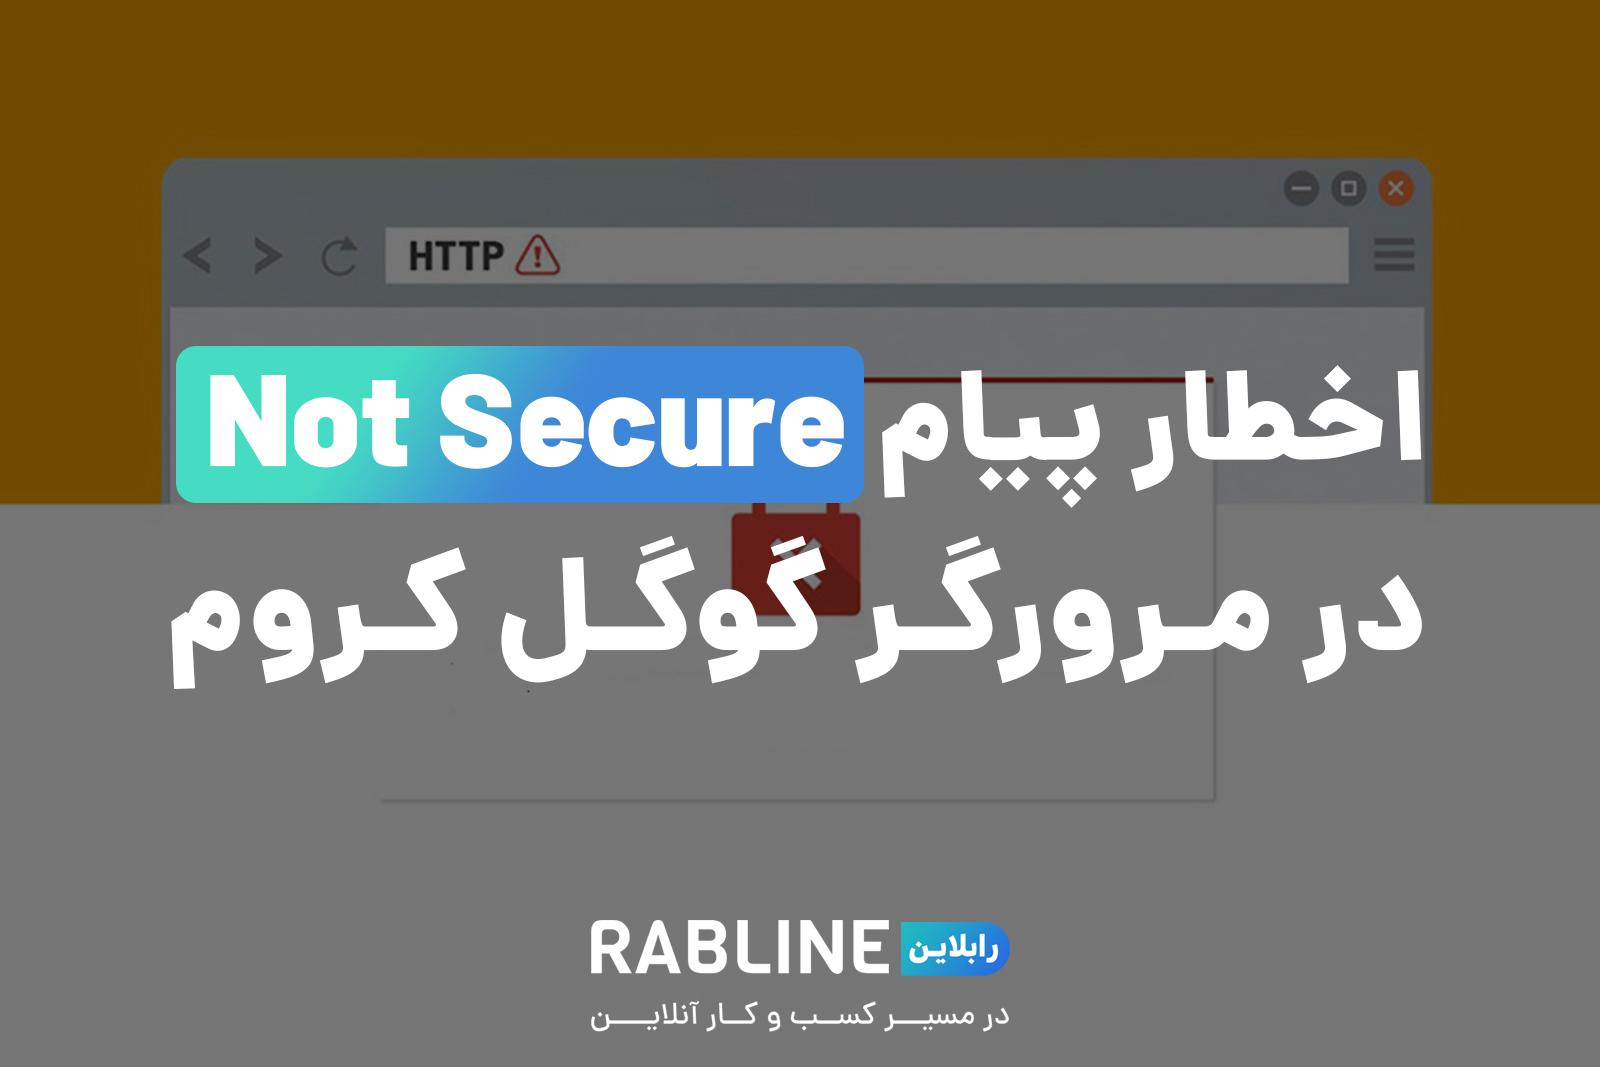 اخطار پیام not secure در مرورگر گوگل کروم به چه معنا است؟